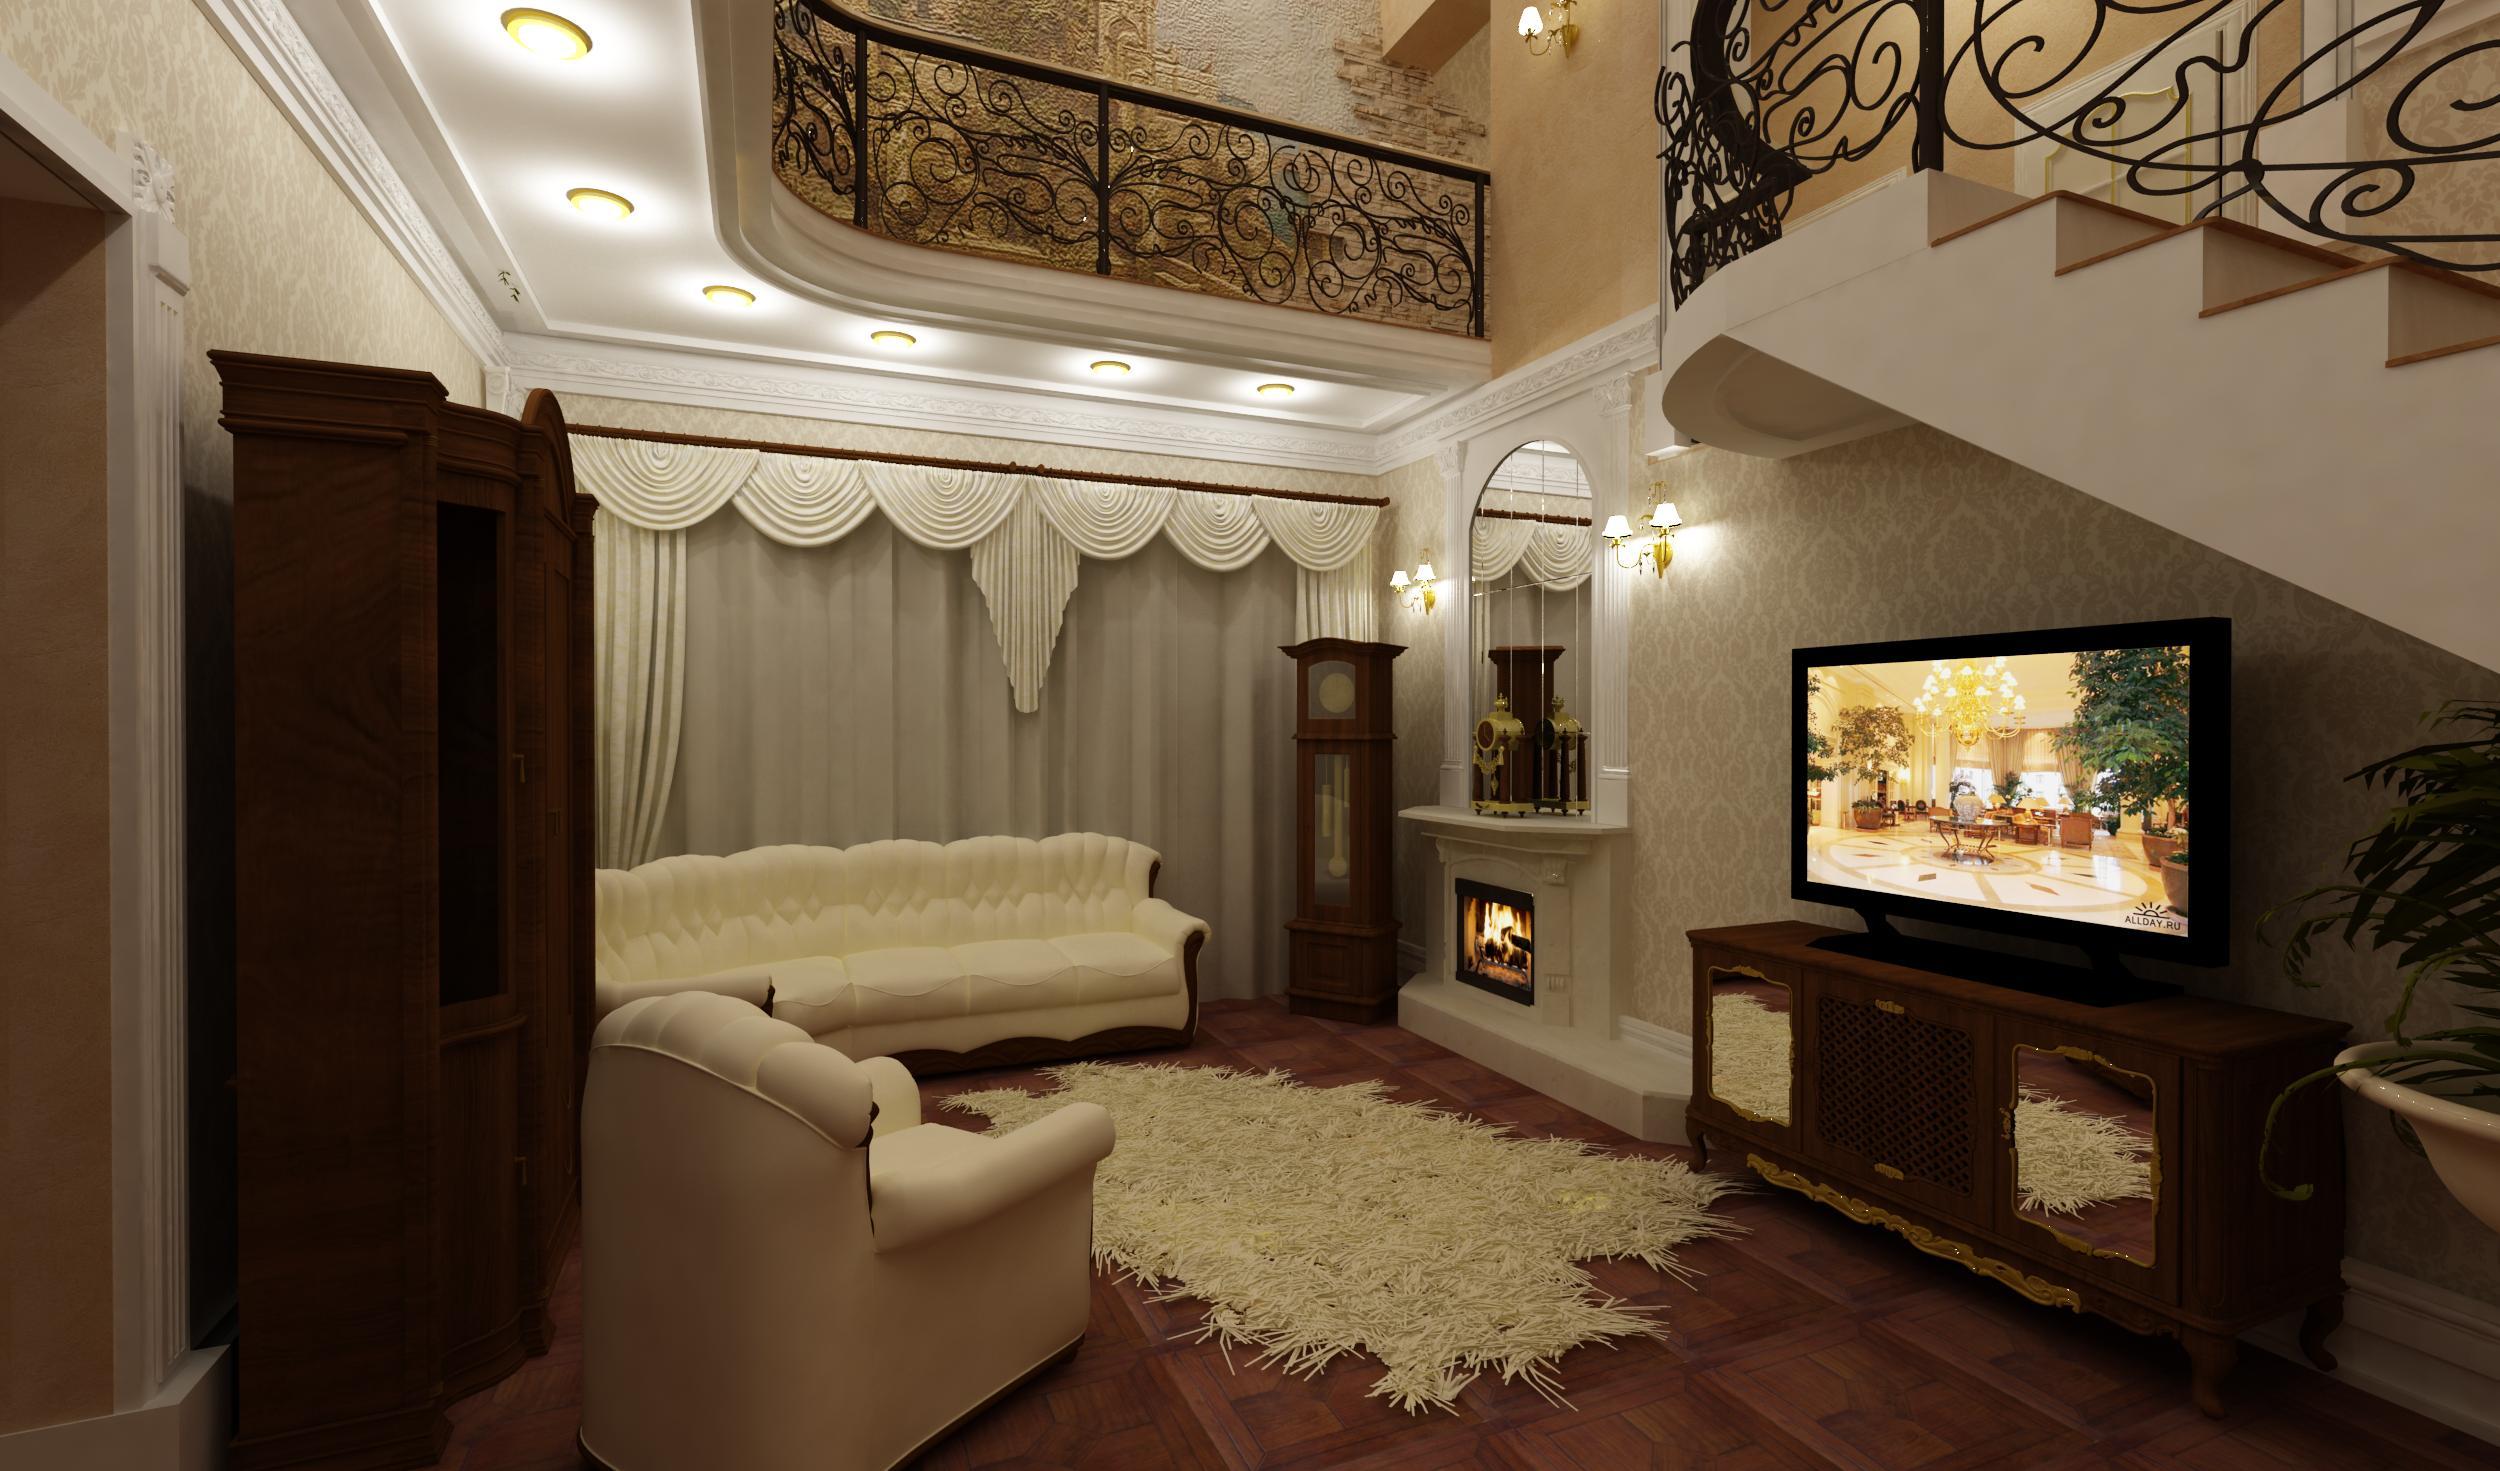 Фото дизайн интерьер гостиной в частном доме